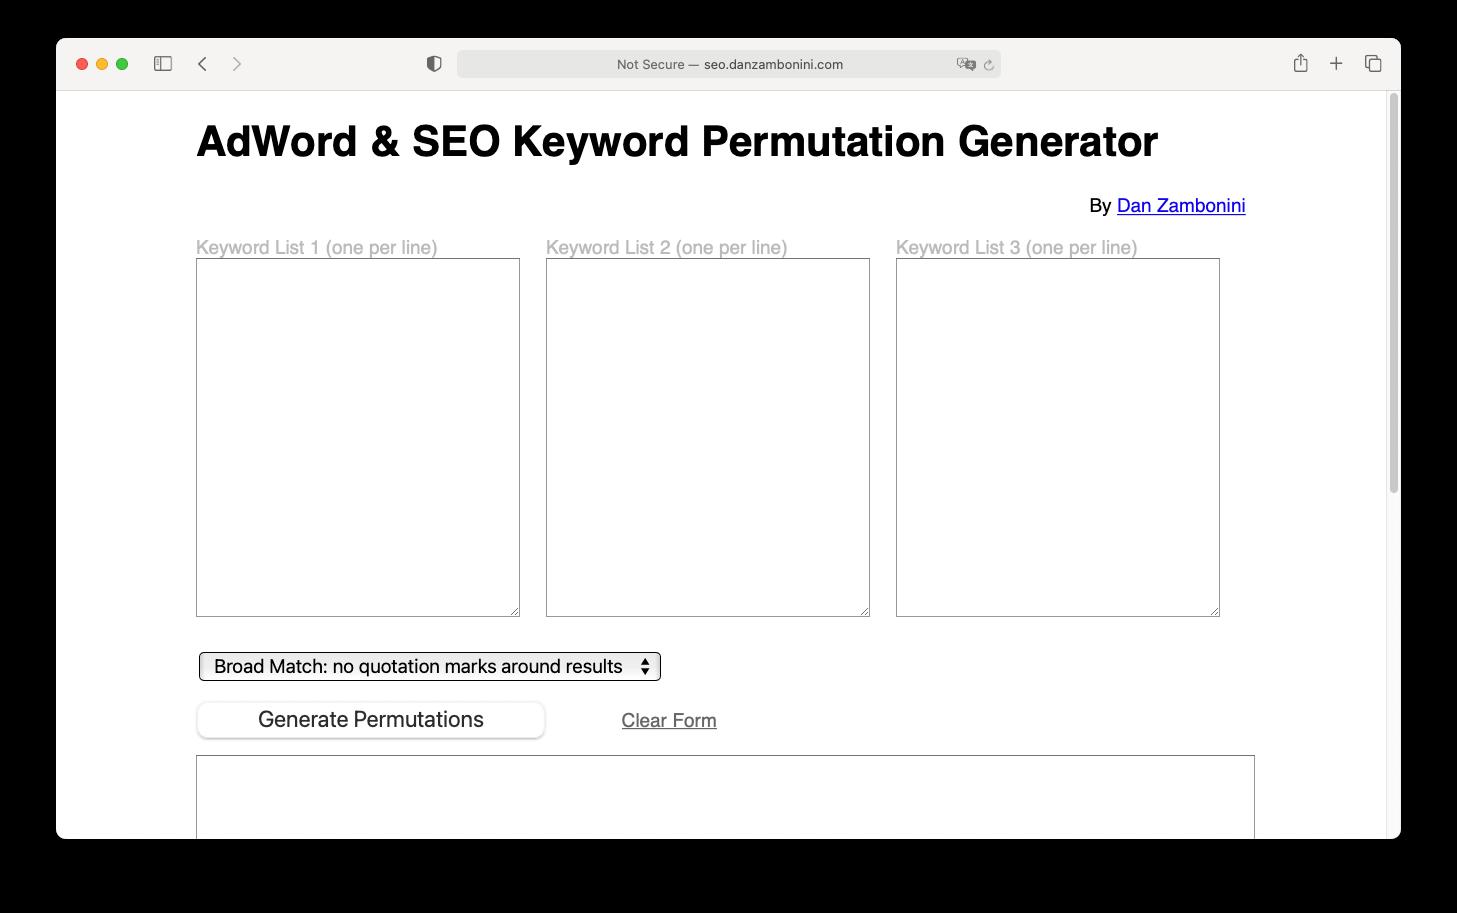 Adword and SEO keyword permutation generator